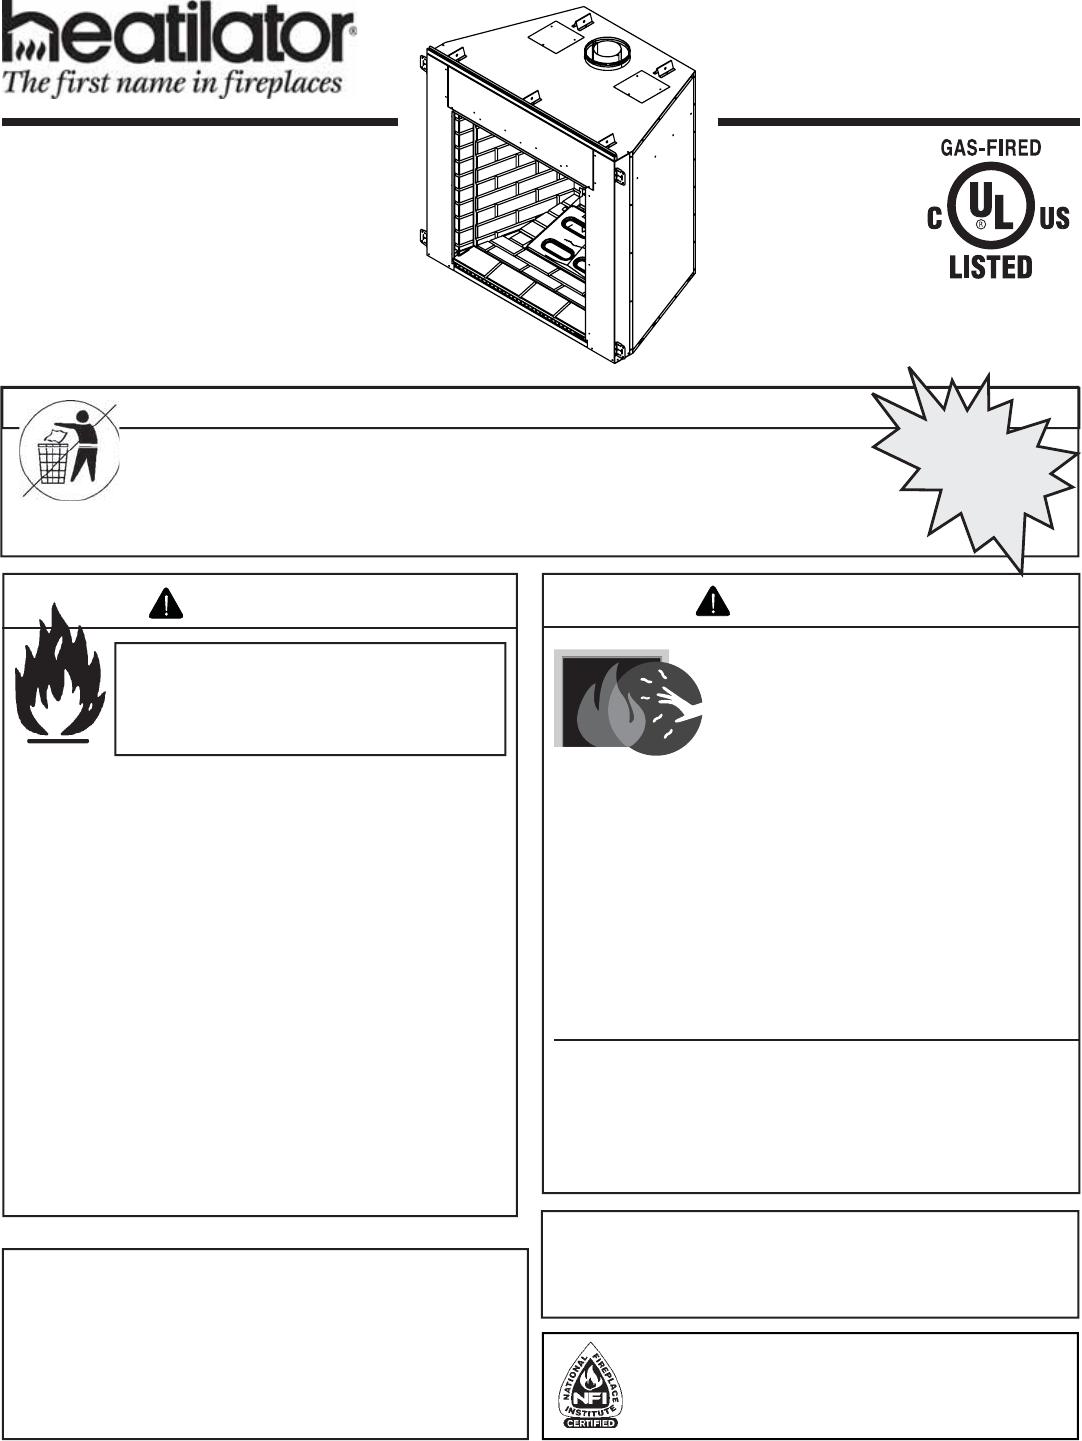 Heatiator Idv4833it User Manual To The F6b6ba9b D6dd 4045 90fe